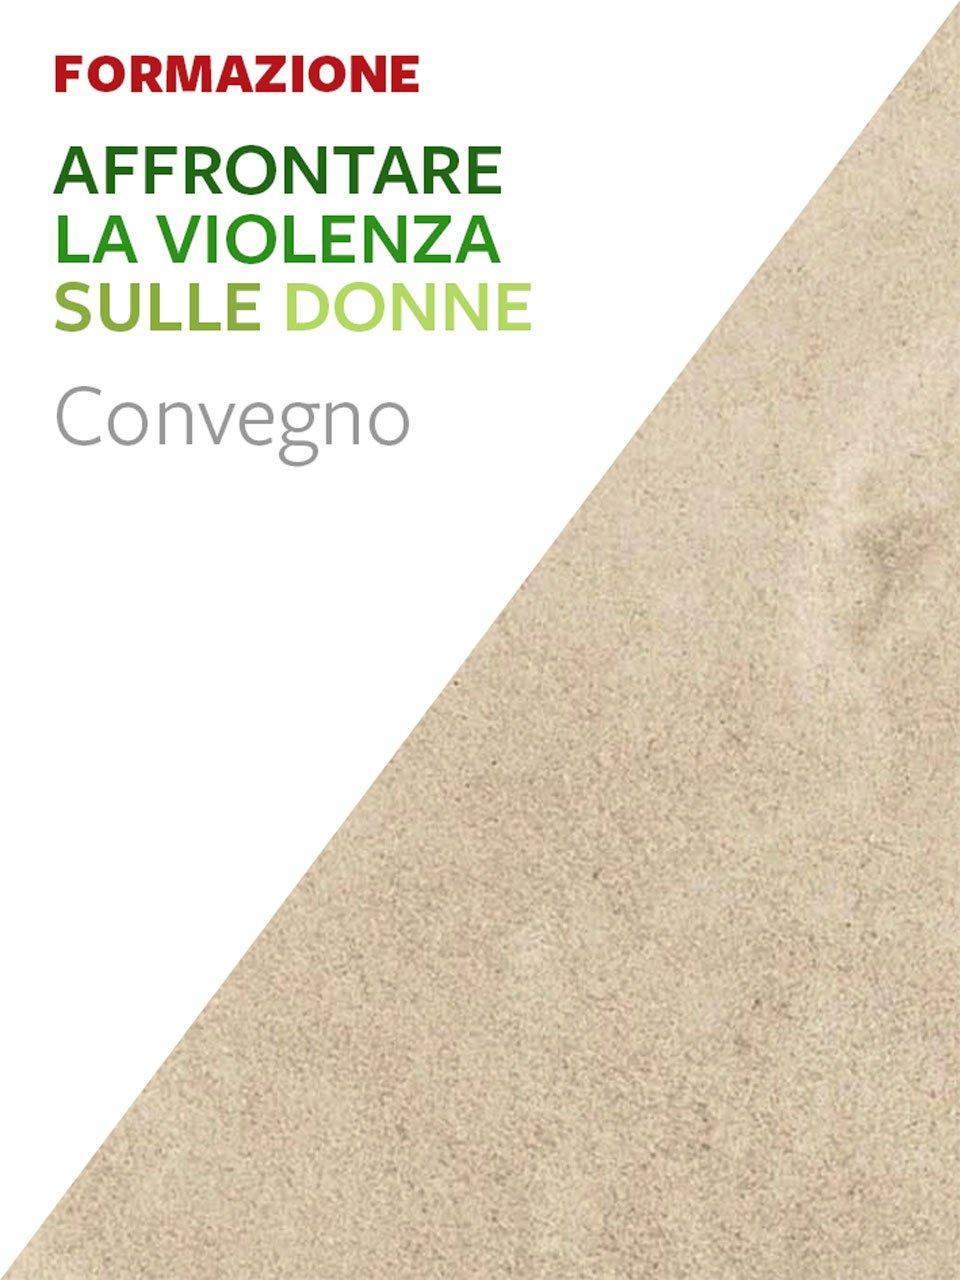 Affrontare la violenza sulle donne - Erickson: libri e formazione per didattica, psicologia e sociale